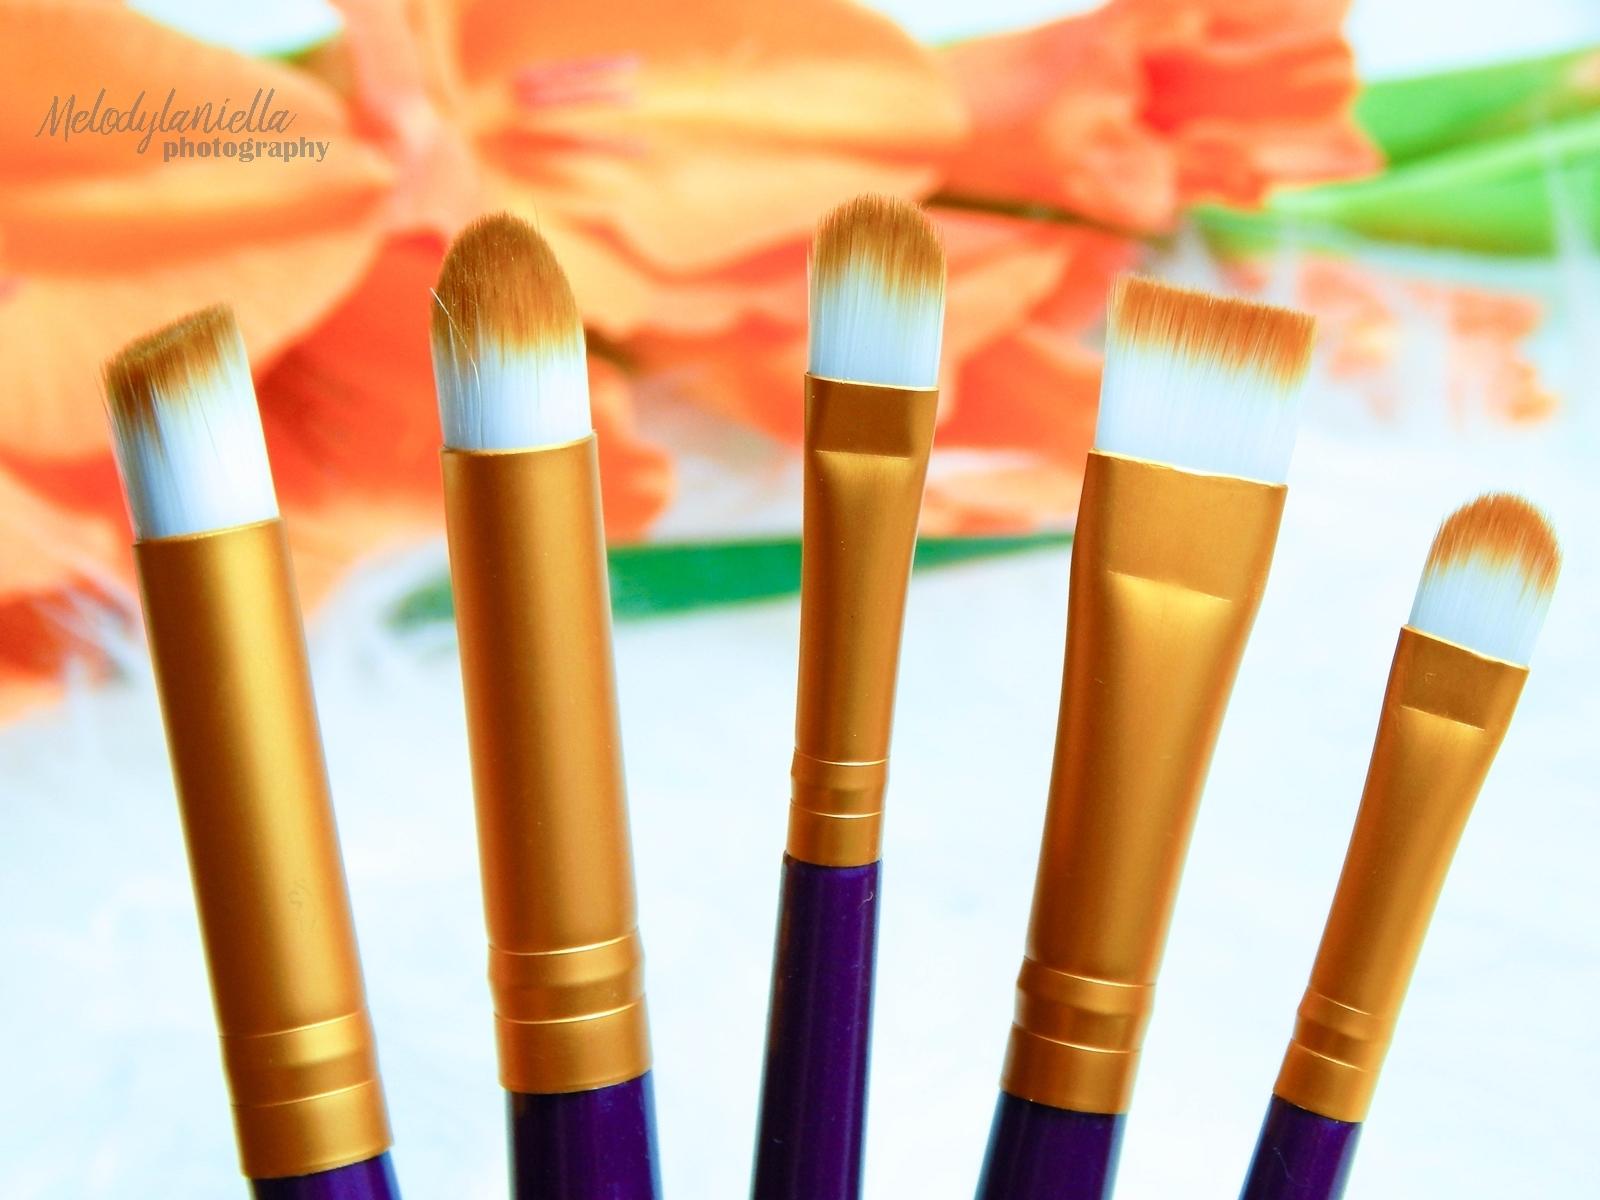 011 chińskie tanie pędzle do makijażu czy warto zakupy haul makeup brushes melodylaniella